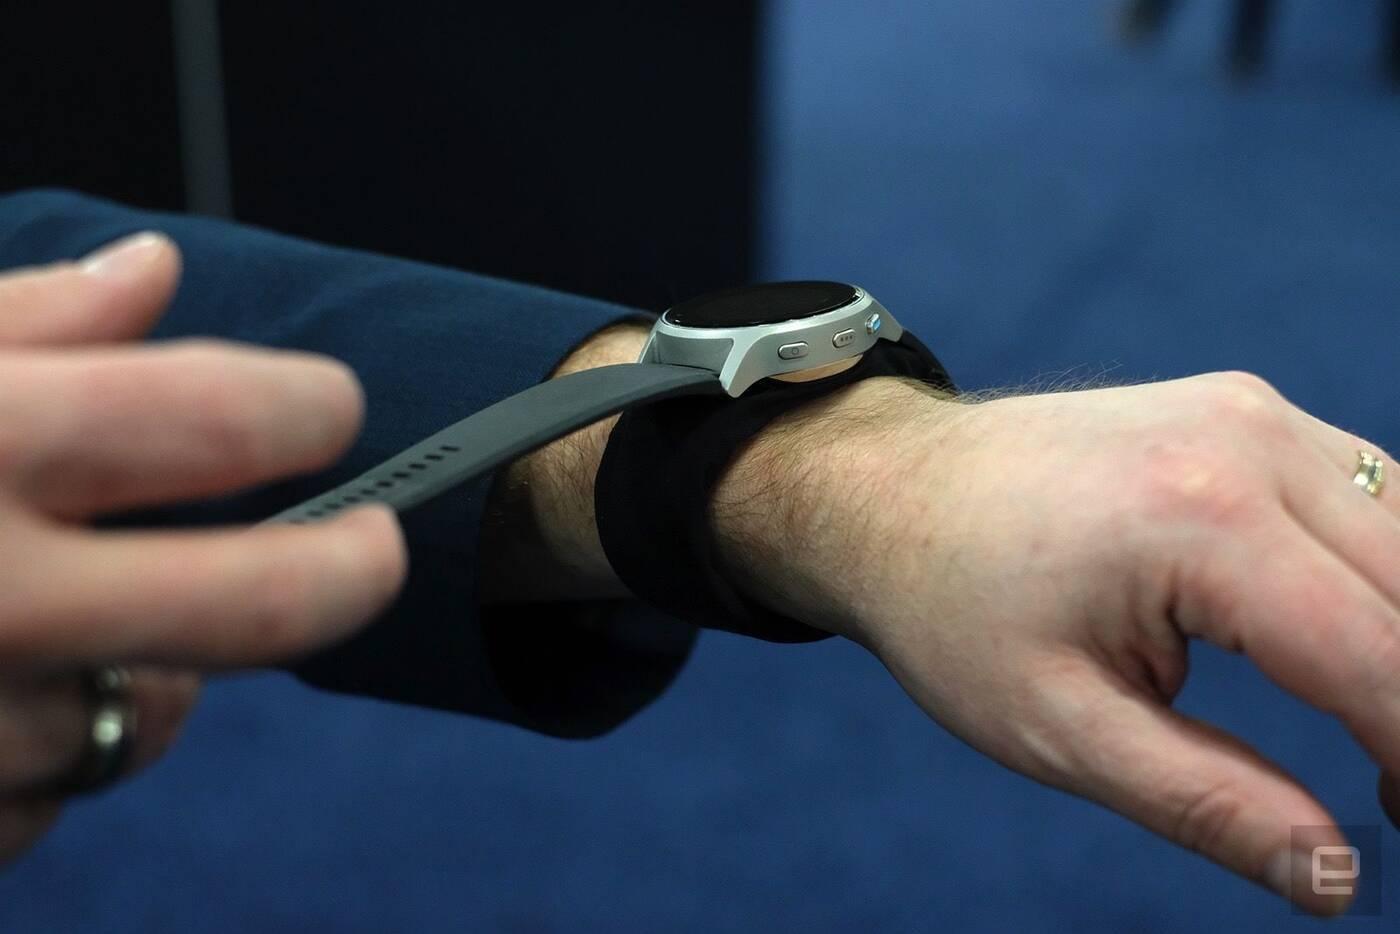 HeartGuide, cena HeartGuide, ciśnienie krwi, pomiar ciśnienia, smartwatch ciśnienie,